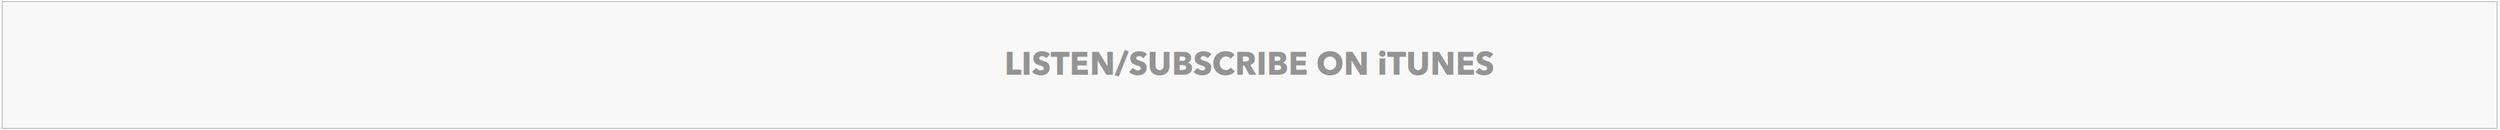 iTunes button 4.002.jpg